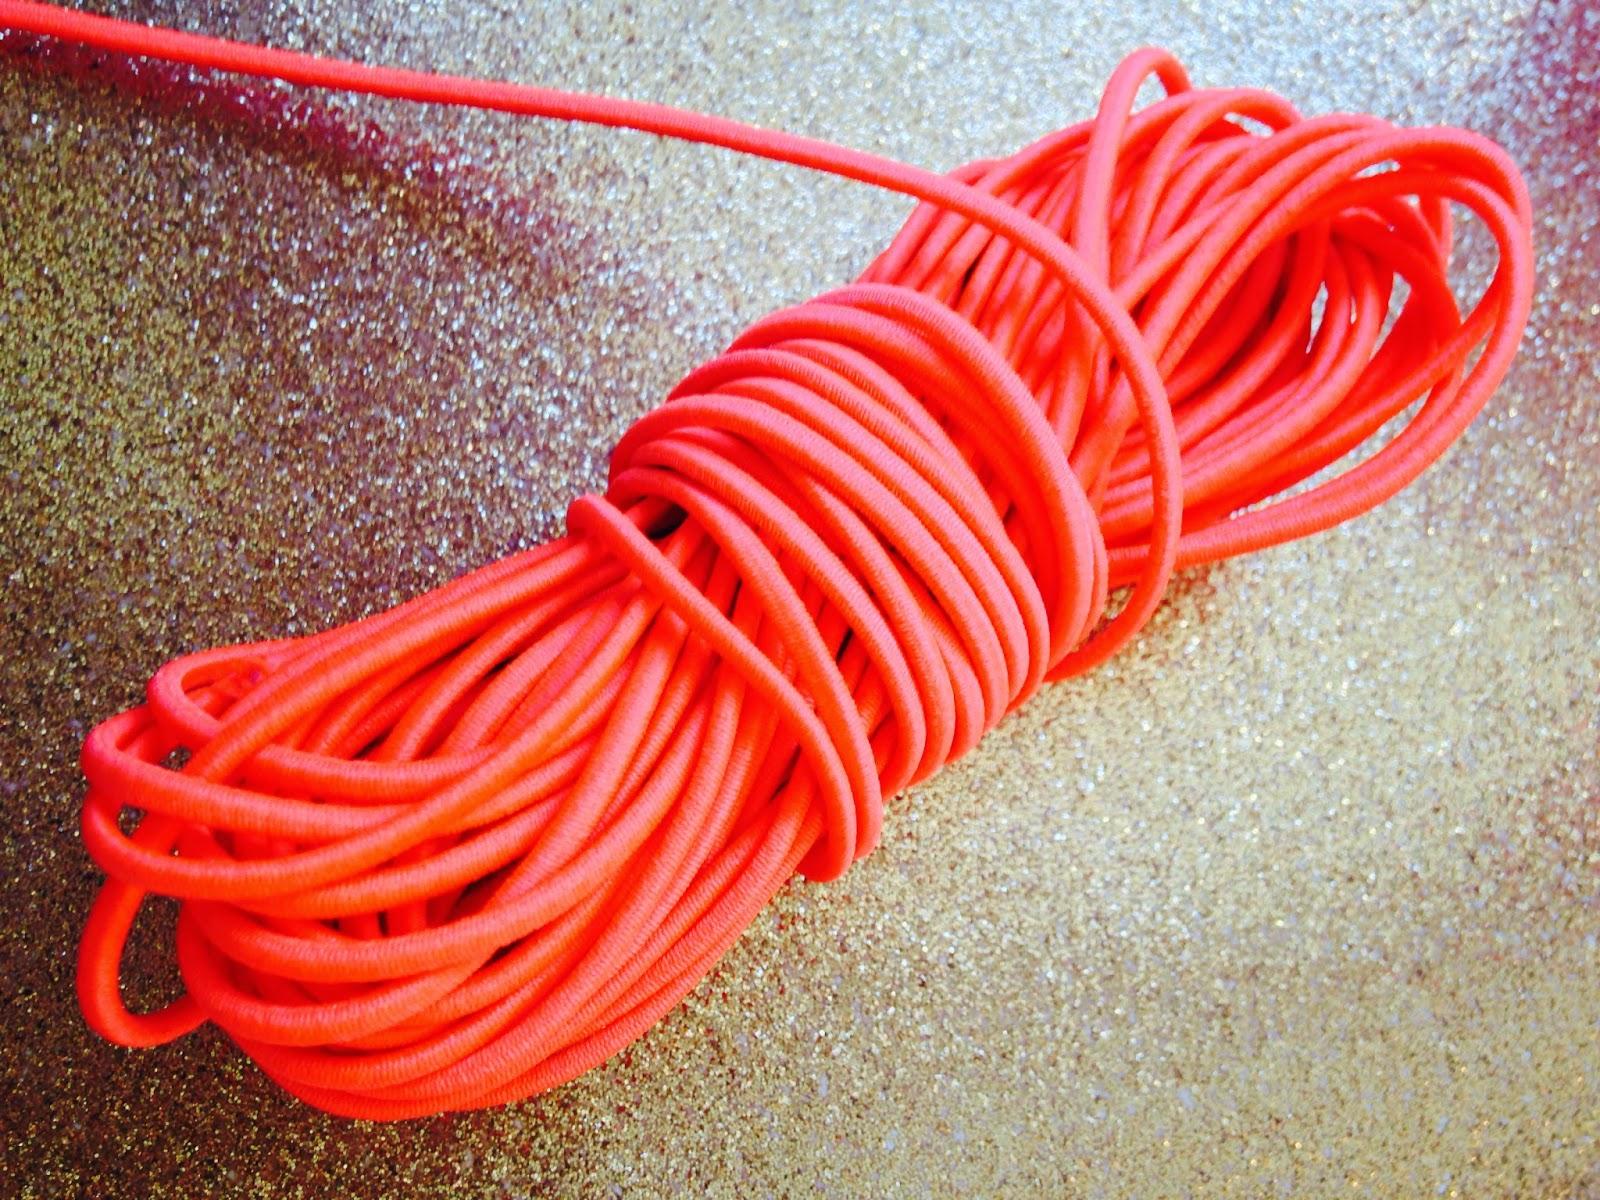 Elastikbånd i neonfarvet koral - 2mm i diameter.